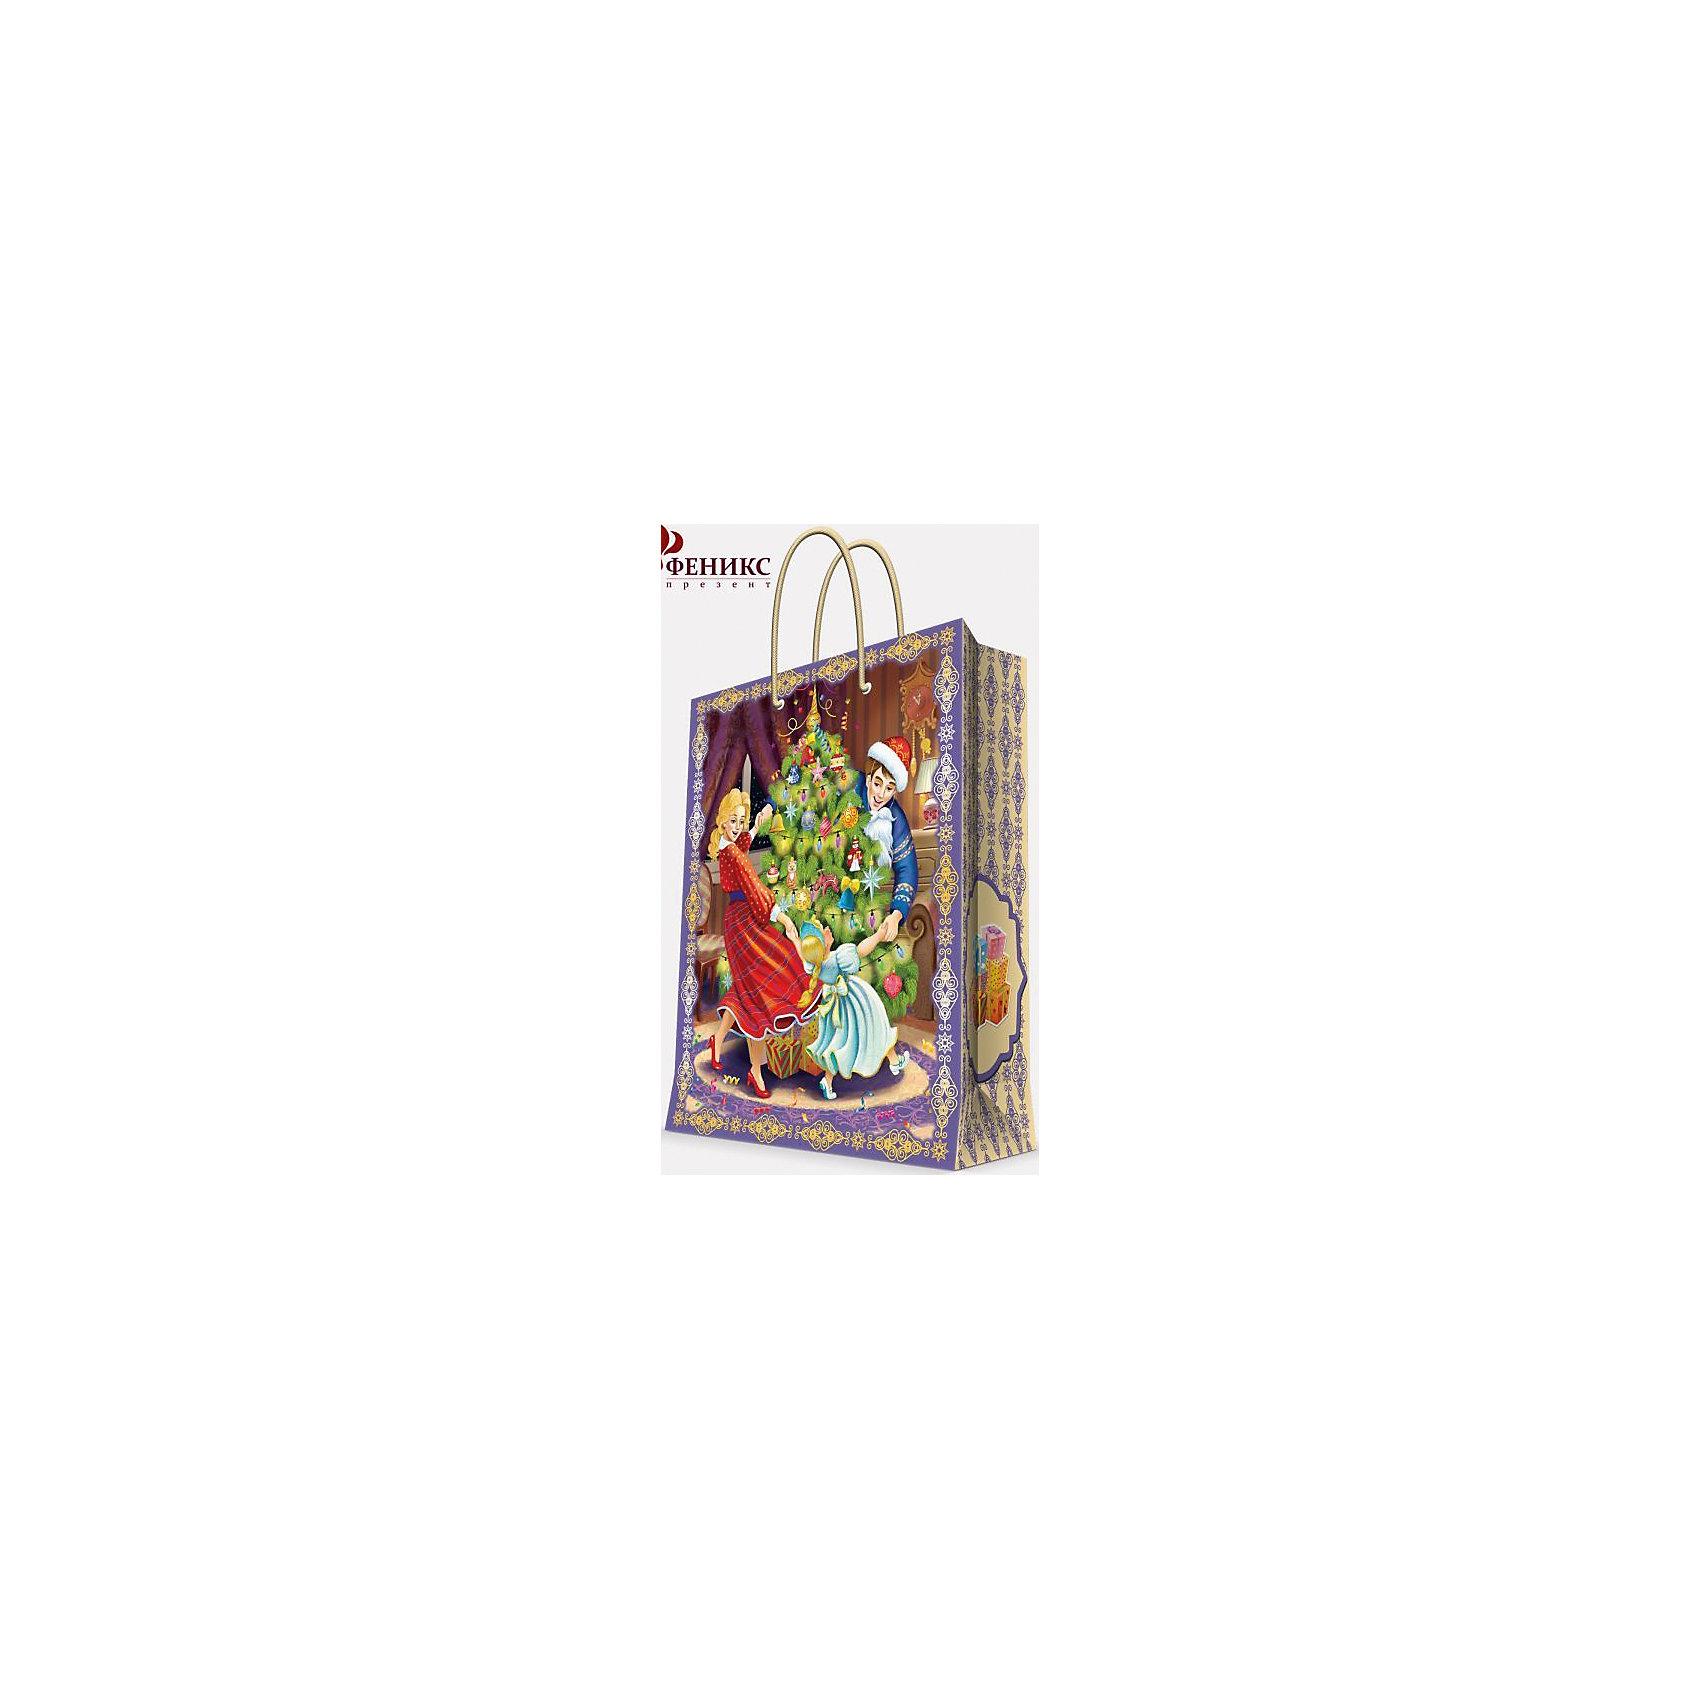 Бумажный пакет Счастливая семья 17,8*22,9*9,8 смКрасиво упакованный подарок приятнее получать вдвойне! Подарочный пакет - универсальная яркая и стильная упаковка, подходящая для любых подарков. <br><br>Дополнительная информация:<br><br>- Материал: бумага (плотность - 140 г/м2). <br>- Размер: 17,8х22,9х9,8 см. <br><br>Бумажный пакет Счастливая семья, 17,8*22,9*9,8 см., можно купить в нашем магазине.<br><br>Ширина мм: 180<br>Глубина мм: 230<br>Высота мм: 10<br>Вес г: 270<br>Возраст от месяцев: 36<br>Возраст до месяцев: 2147483647<br>Пол: Унисекс<br>Возраст: Детский<br>SKU: 4981337